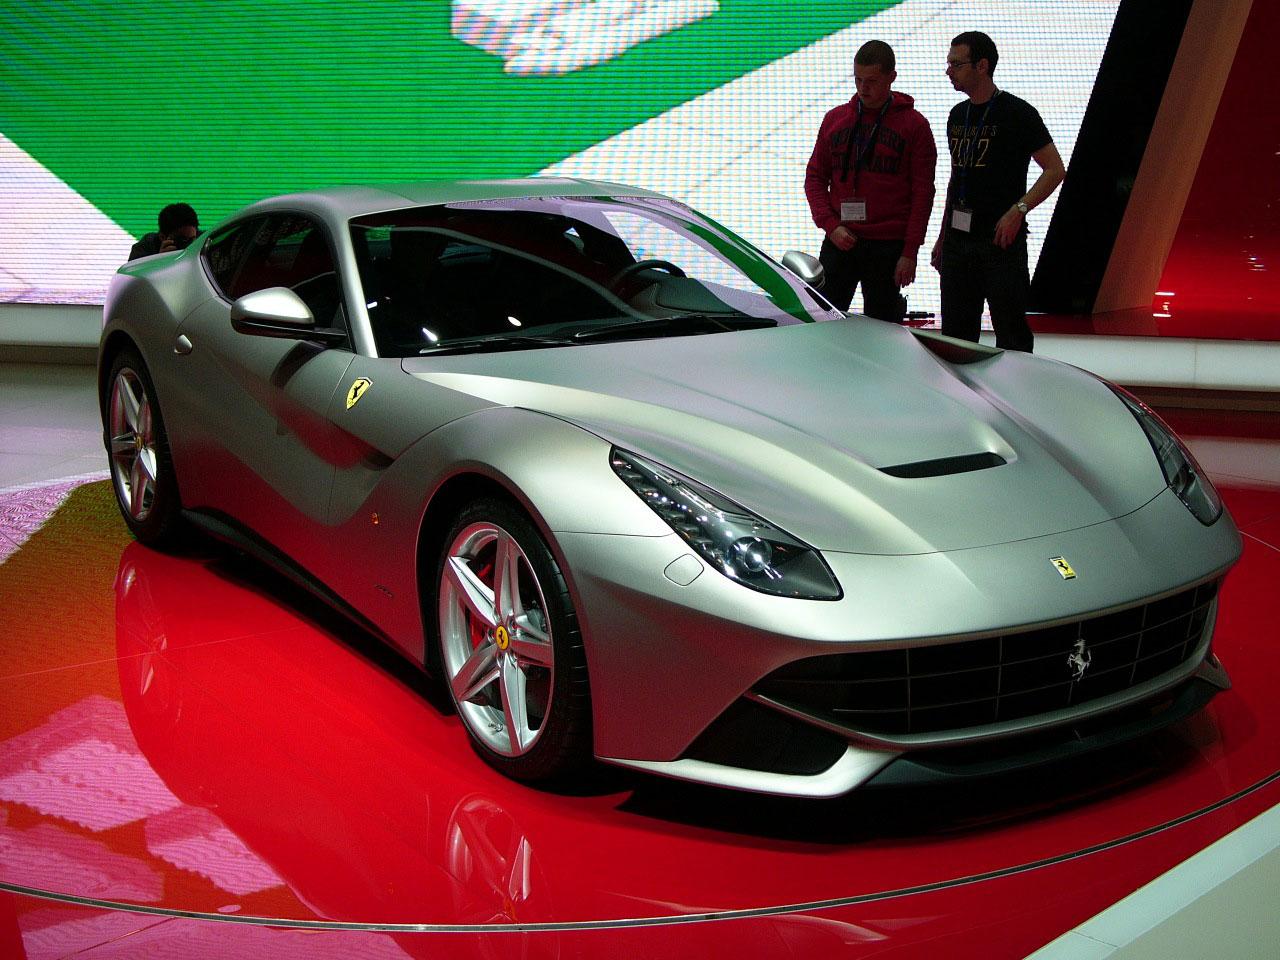 Ferrari F12berlinetta HD Wallpaper 1080p Free Download ...